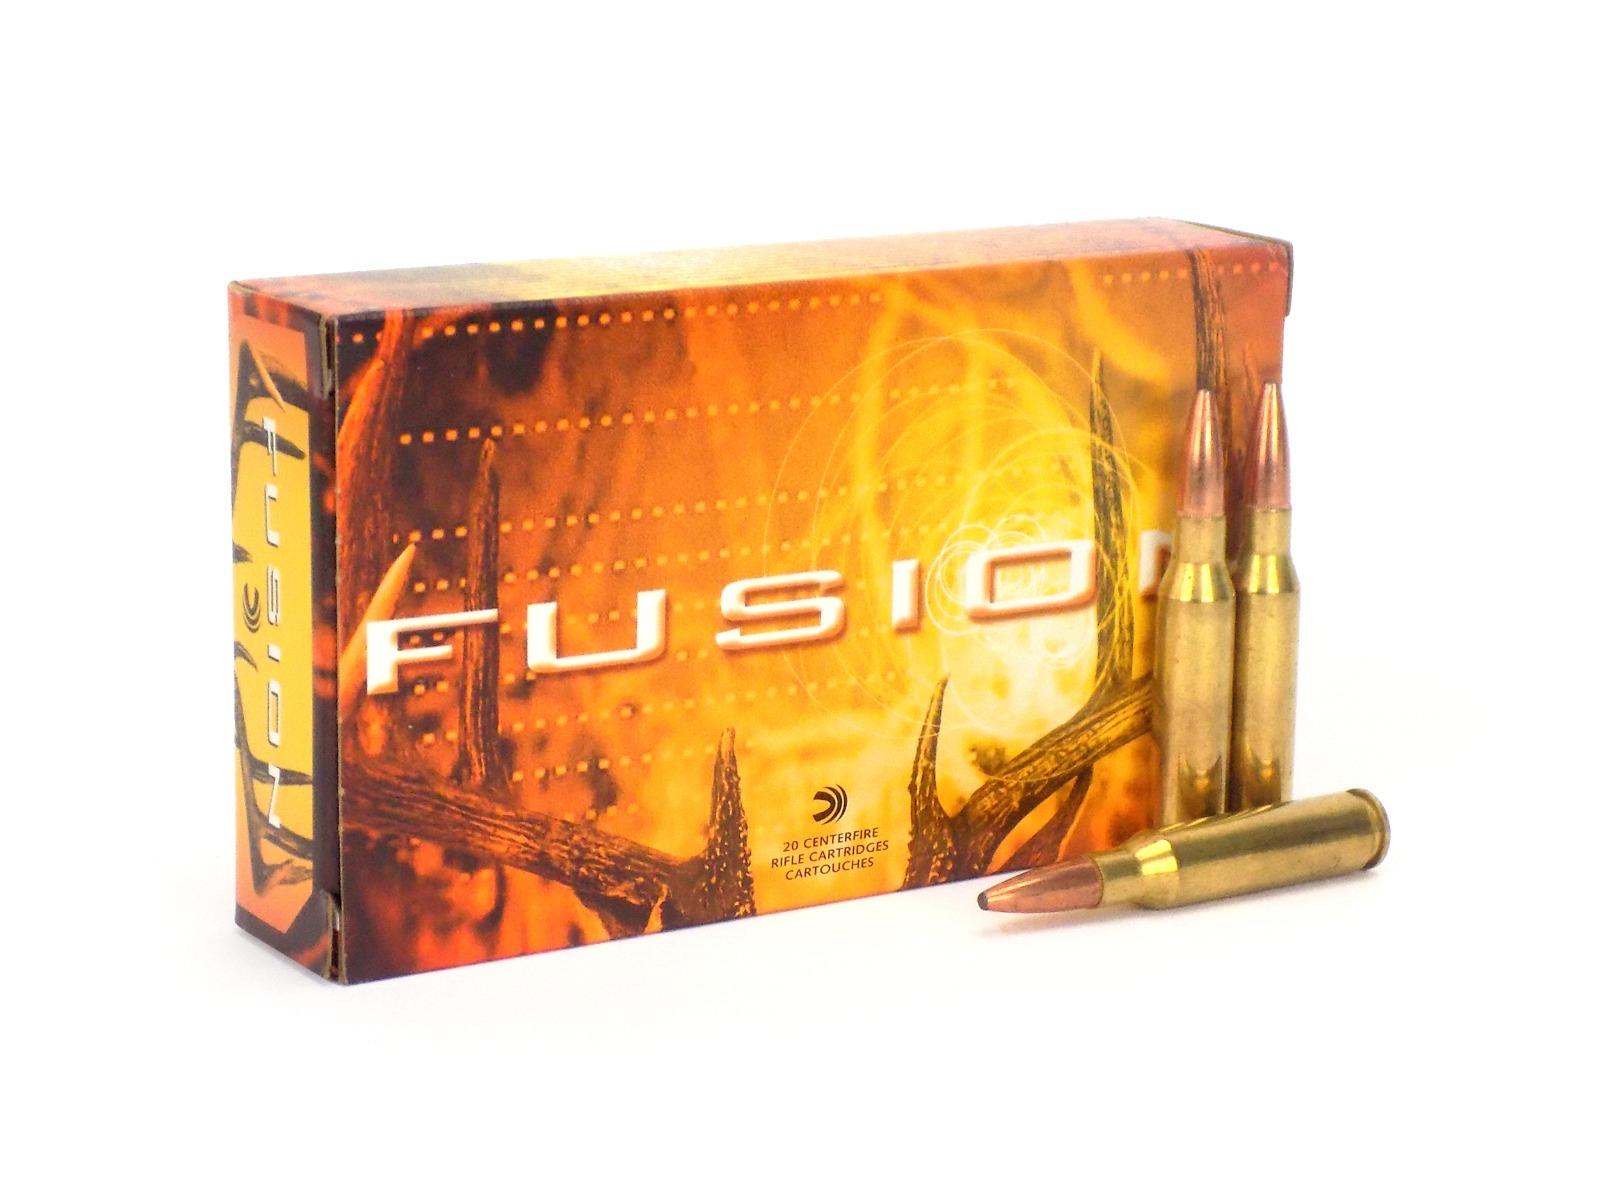 7mm-08 Ammo - Bulk 7mm-08 Bullets - Ammunition Depot